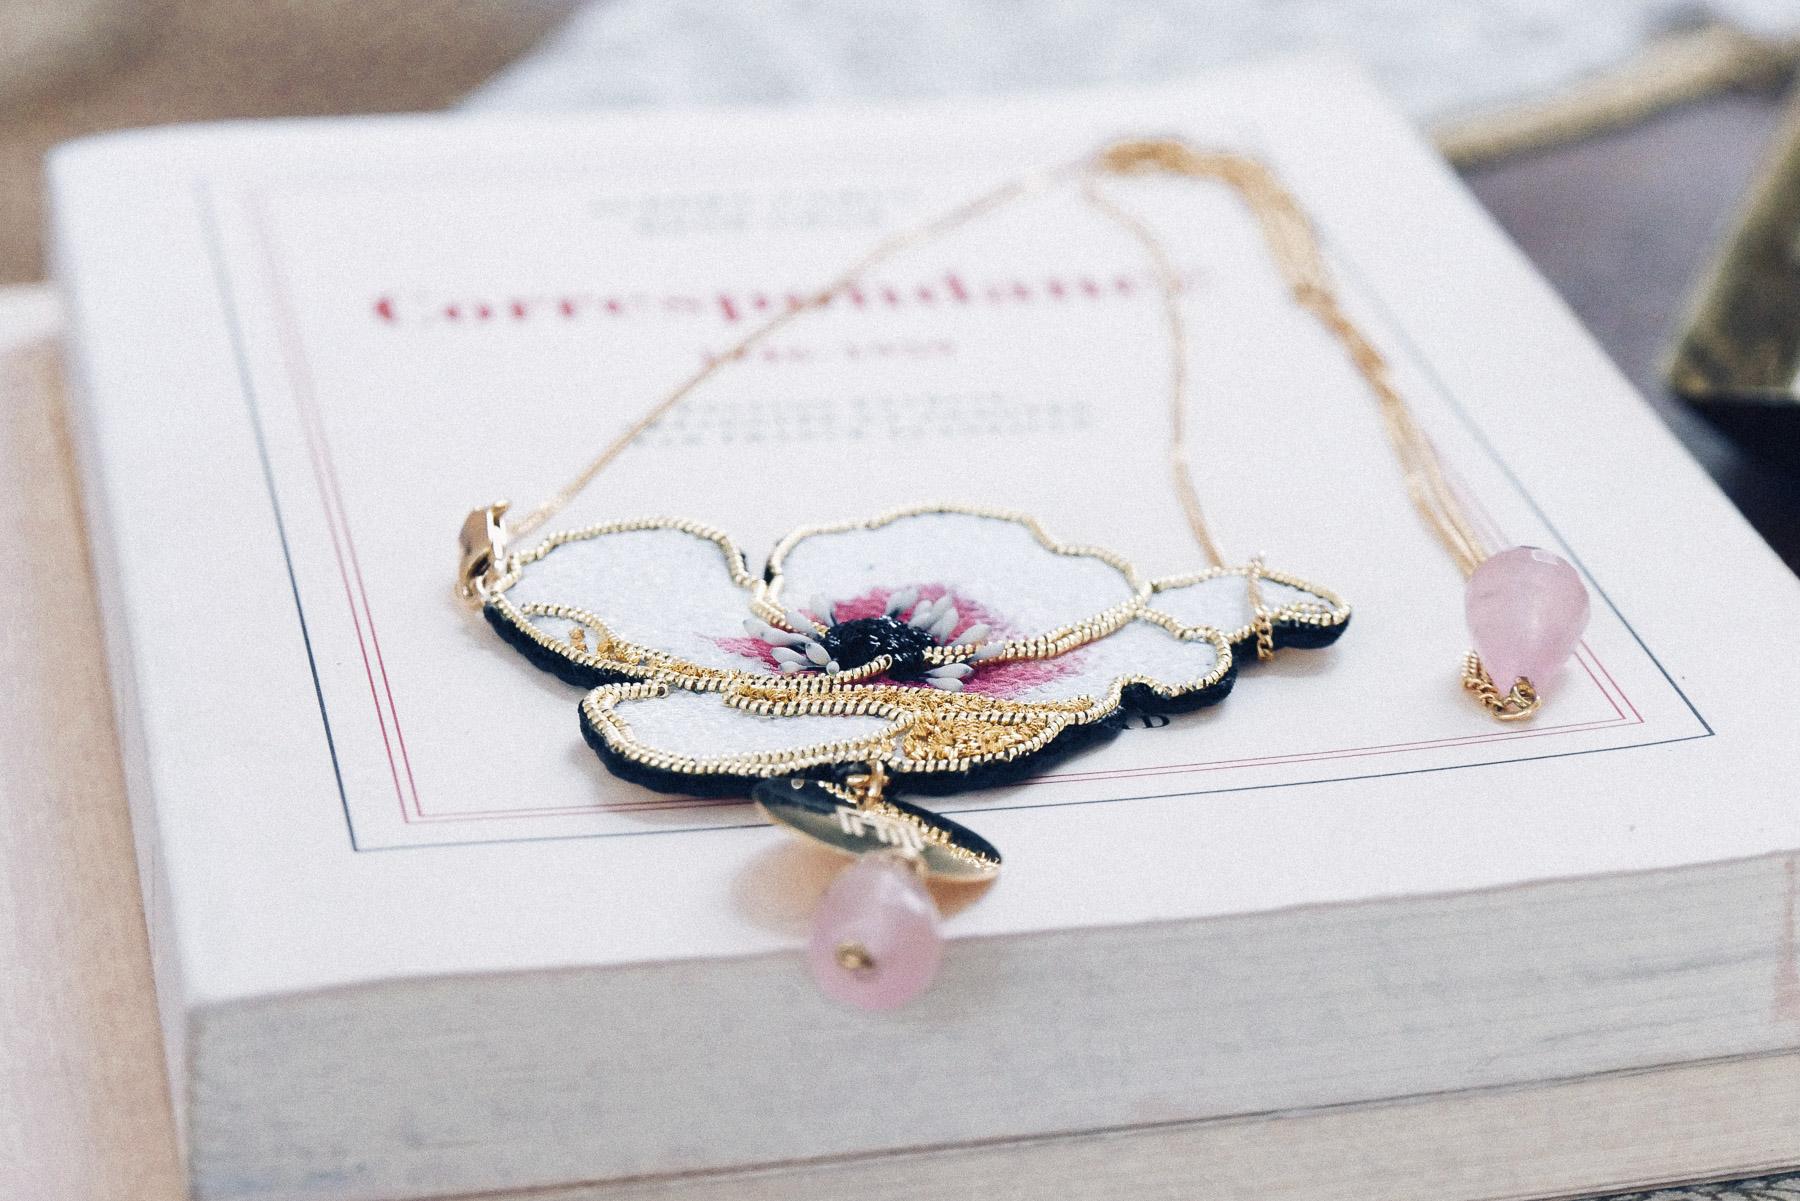 Bijoux de cheveux fait main Nini Peony collaboration La Fiancee du Panda blog mariage et lifestyle-1180421